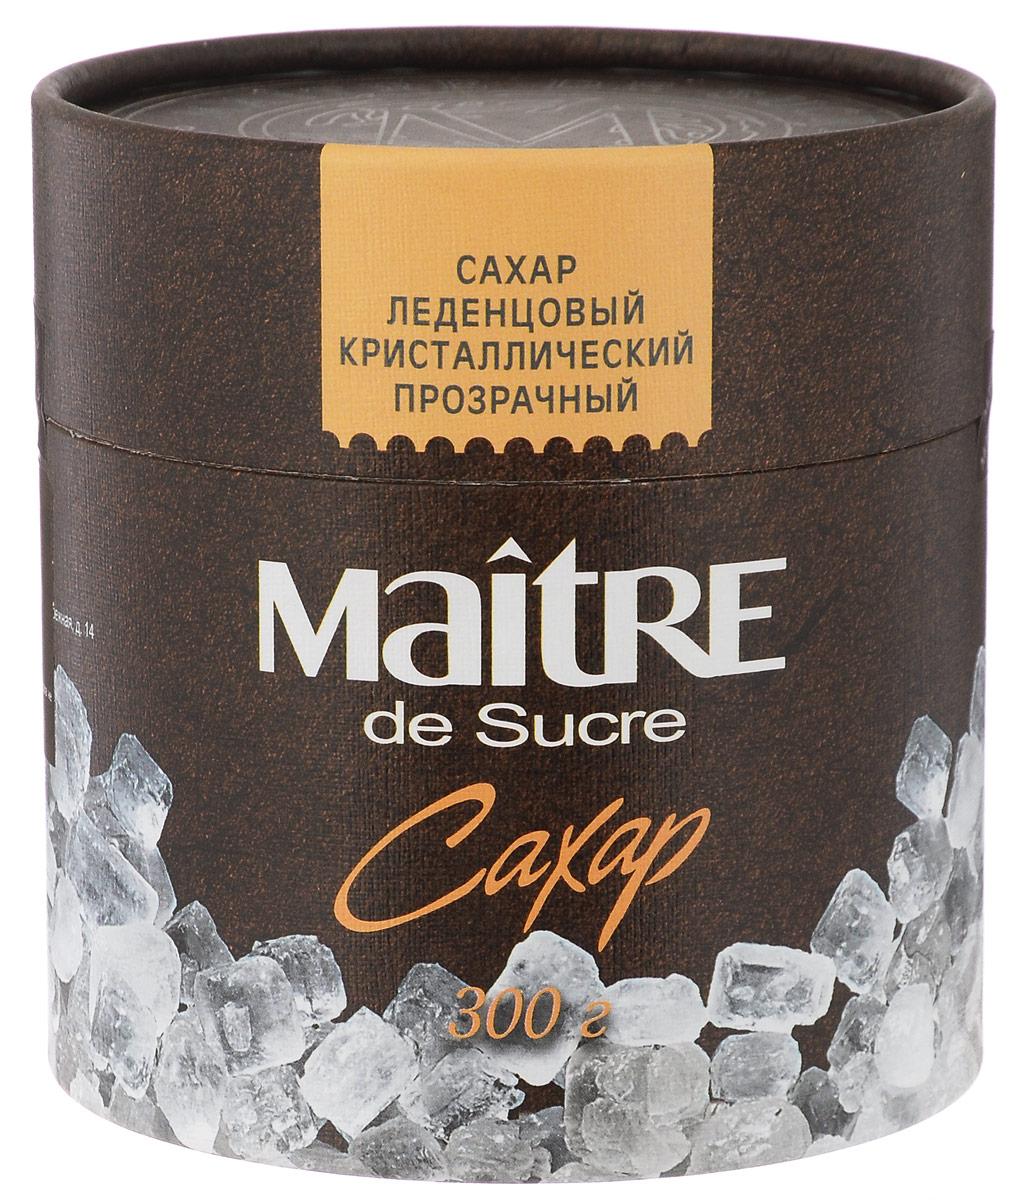 где купить Maitre de Sucre сахар леденцовый прозрачный кристаллический, 300 г по лучшей цене